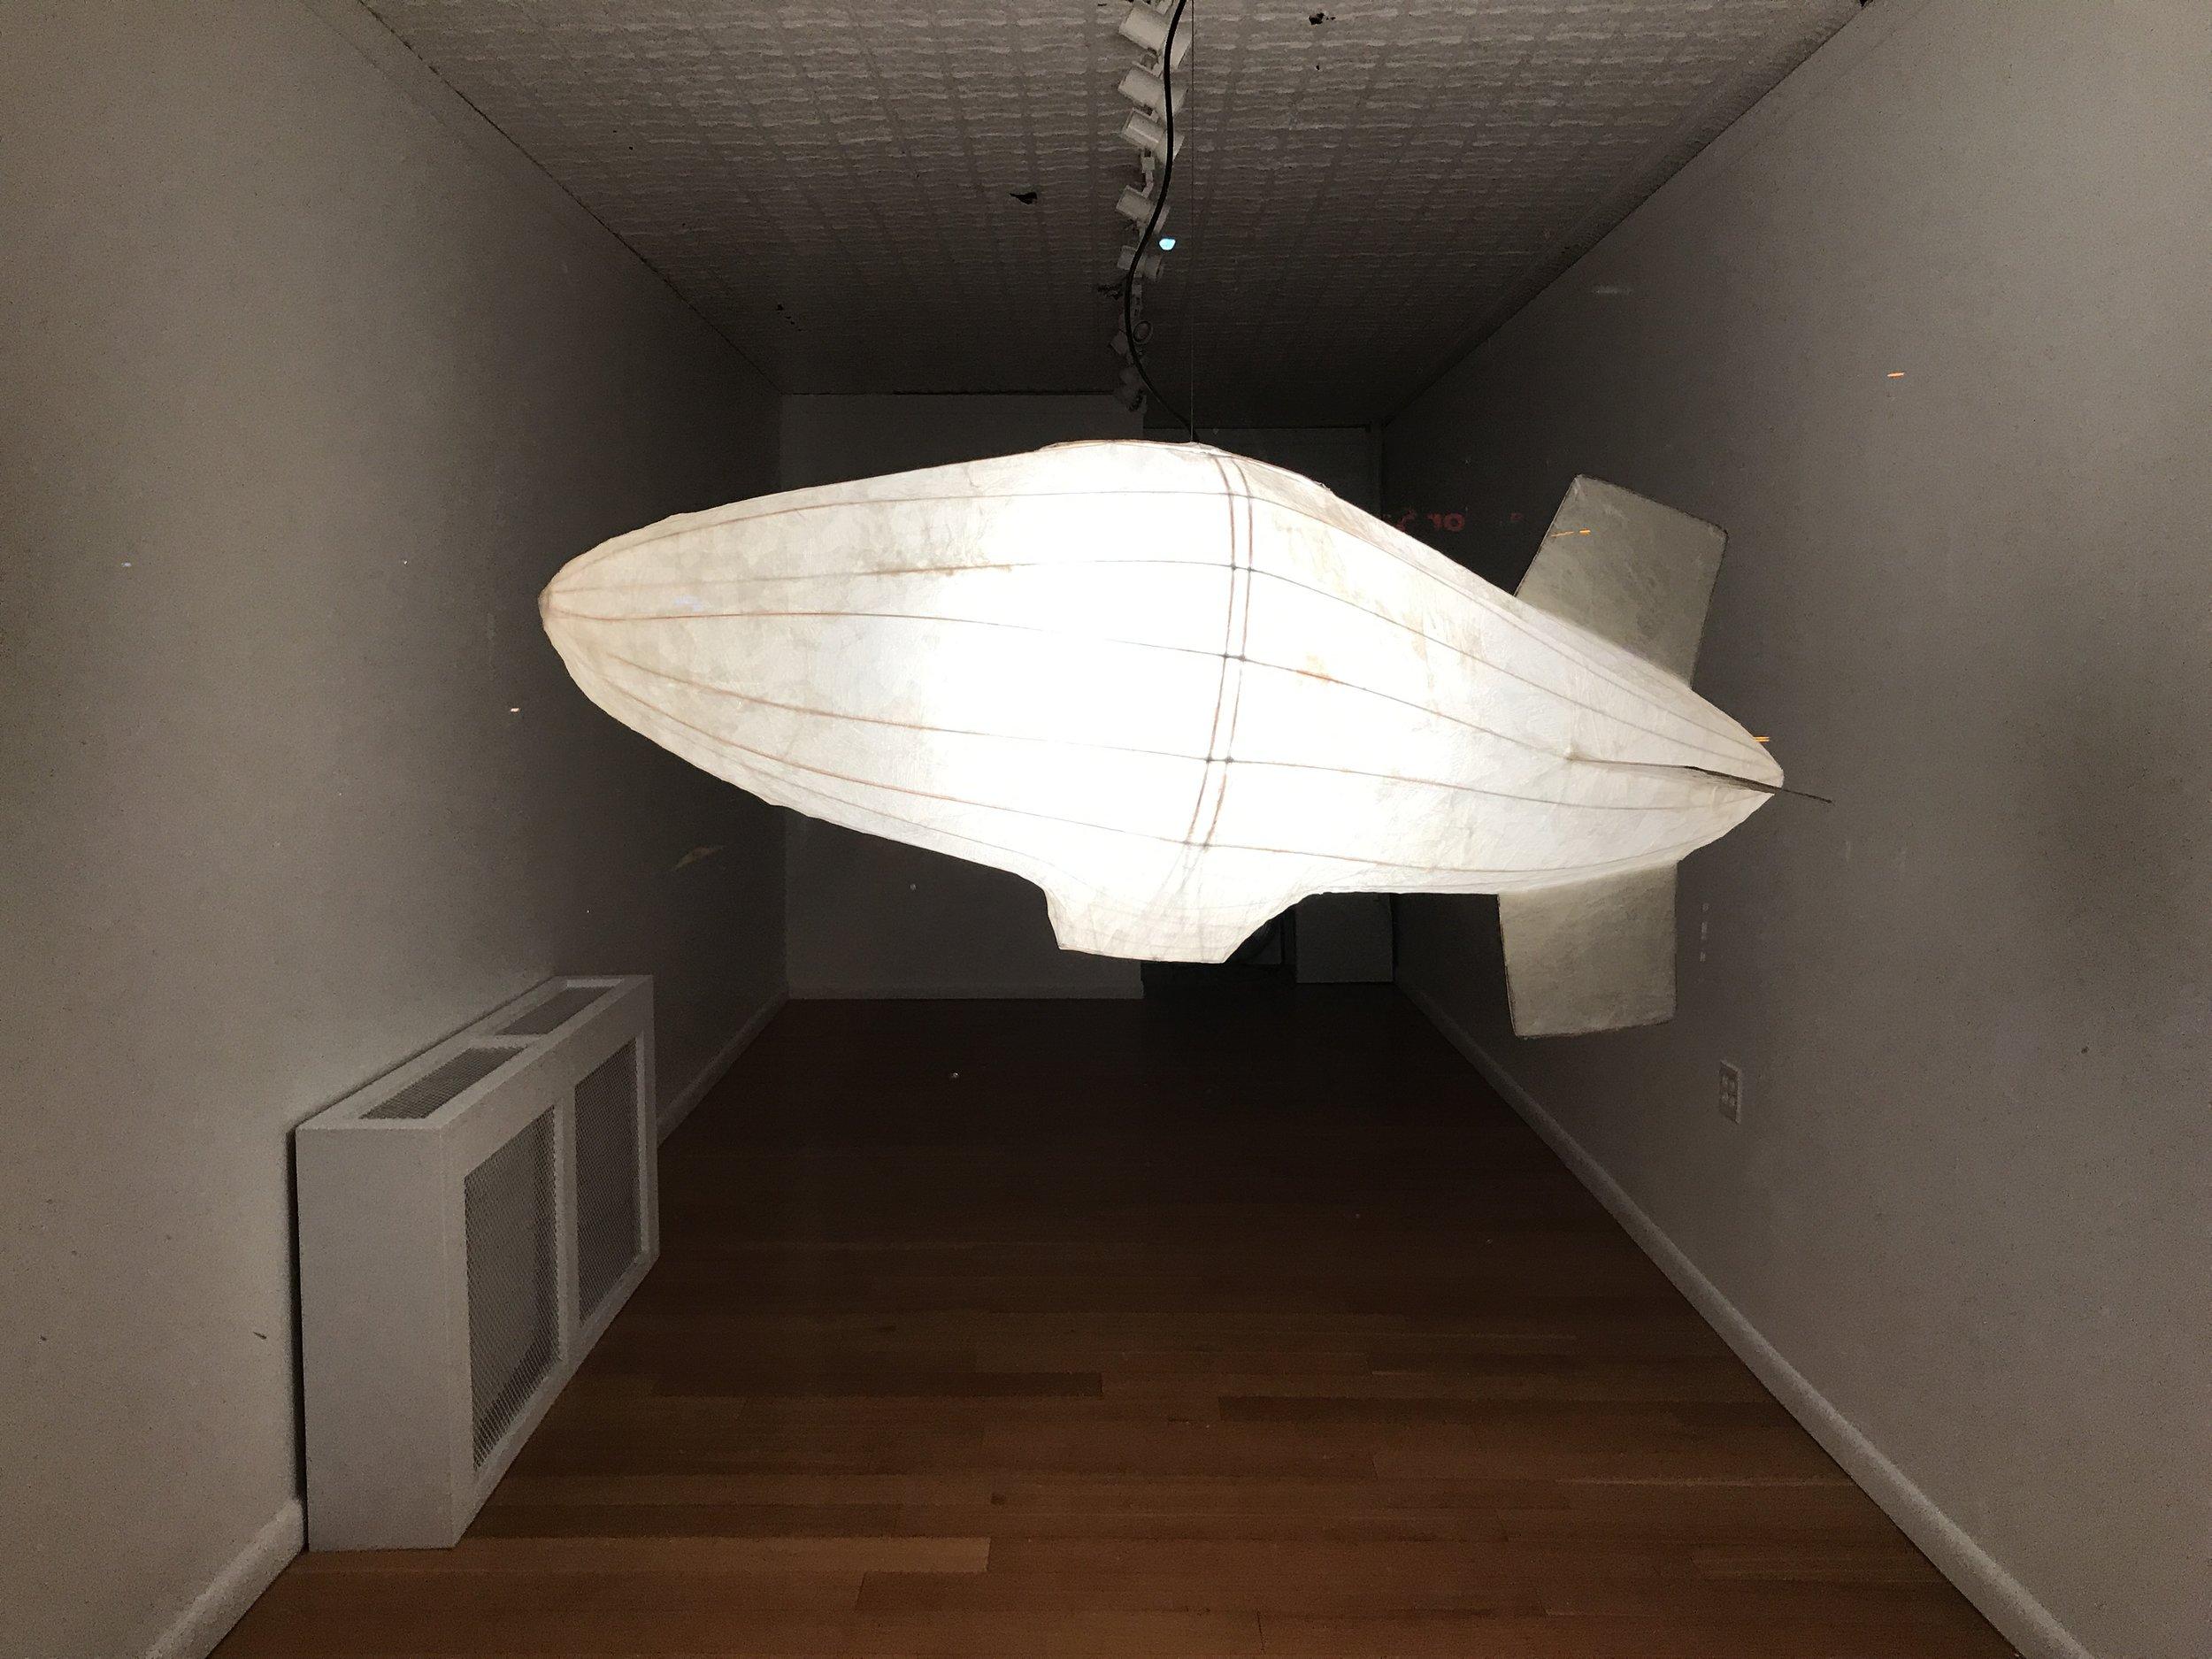 Pedro Villalta: Zeppelin Lamp